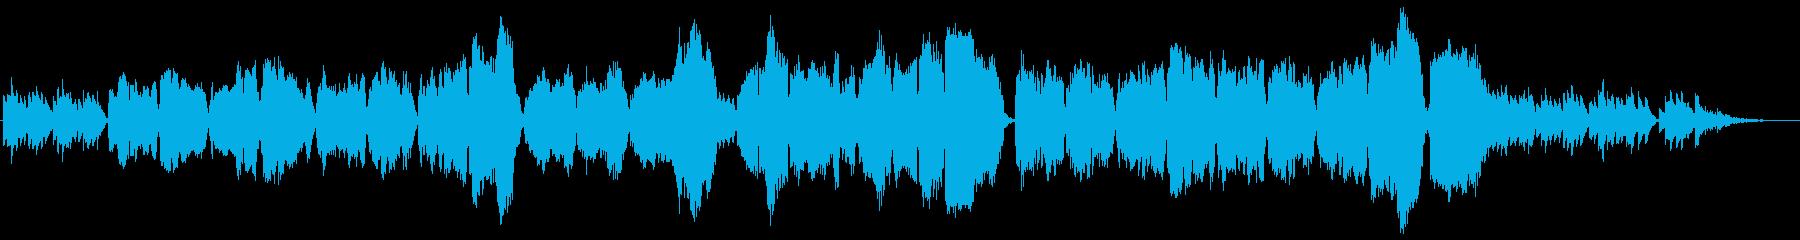 琴と尺八によるバラードの再生済みの波形